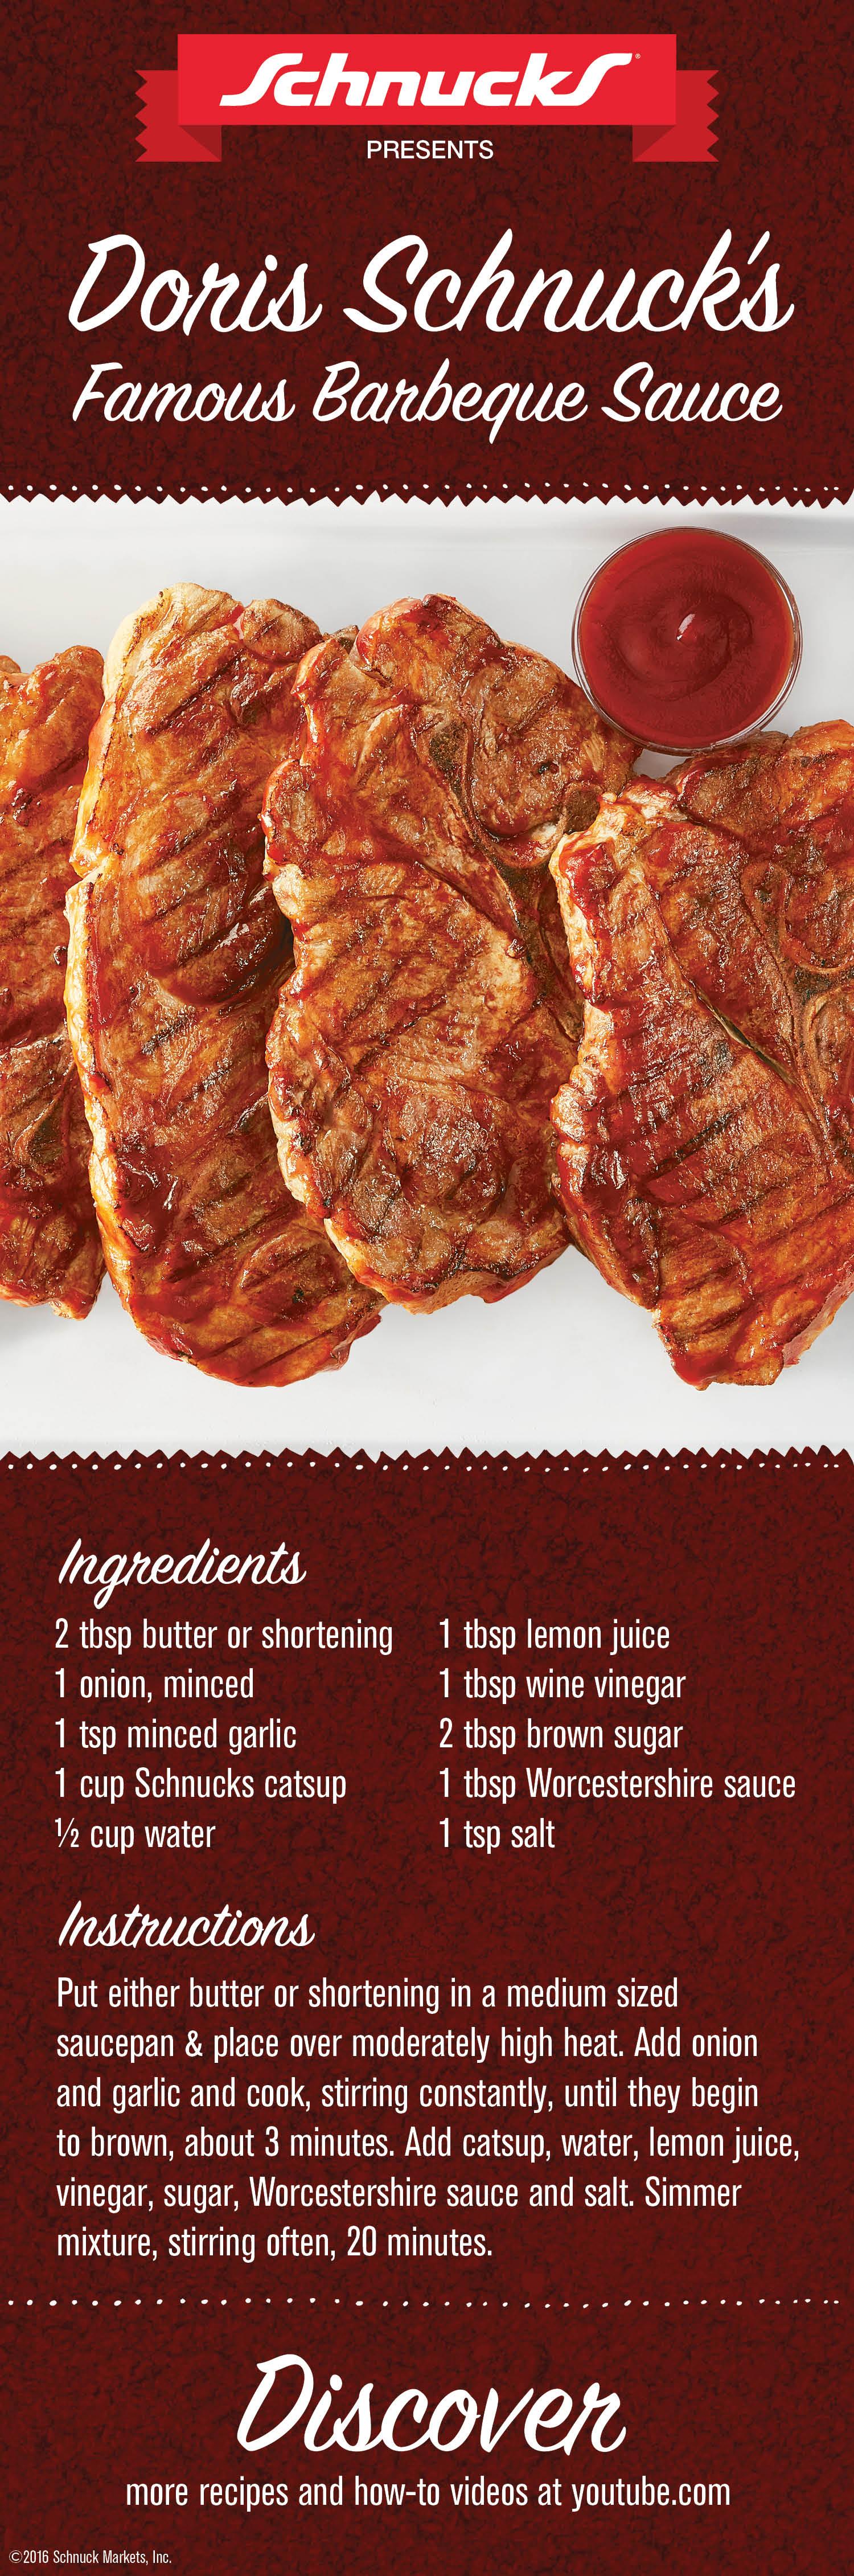 Schnucks Schnucks Pork Steak Food